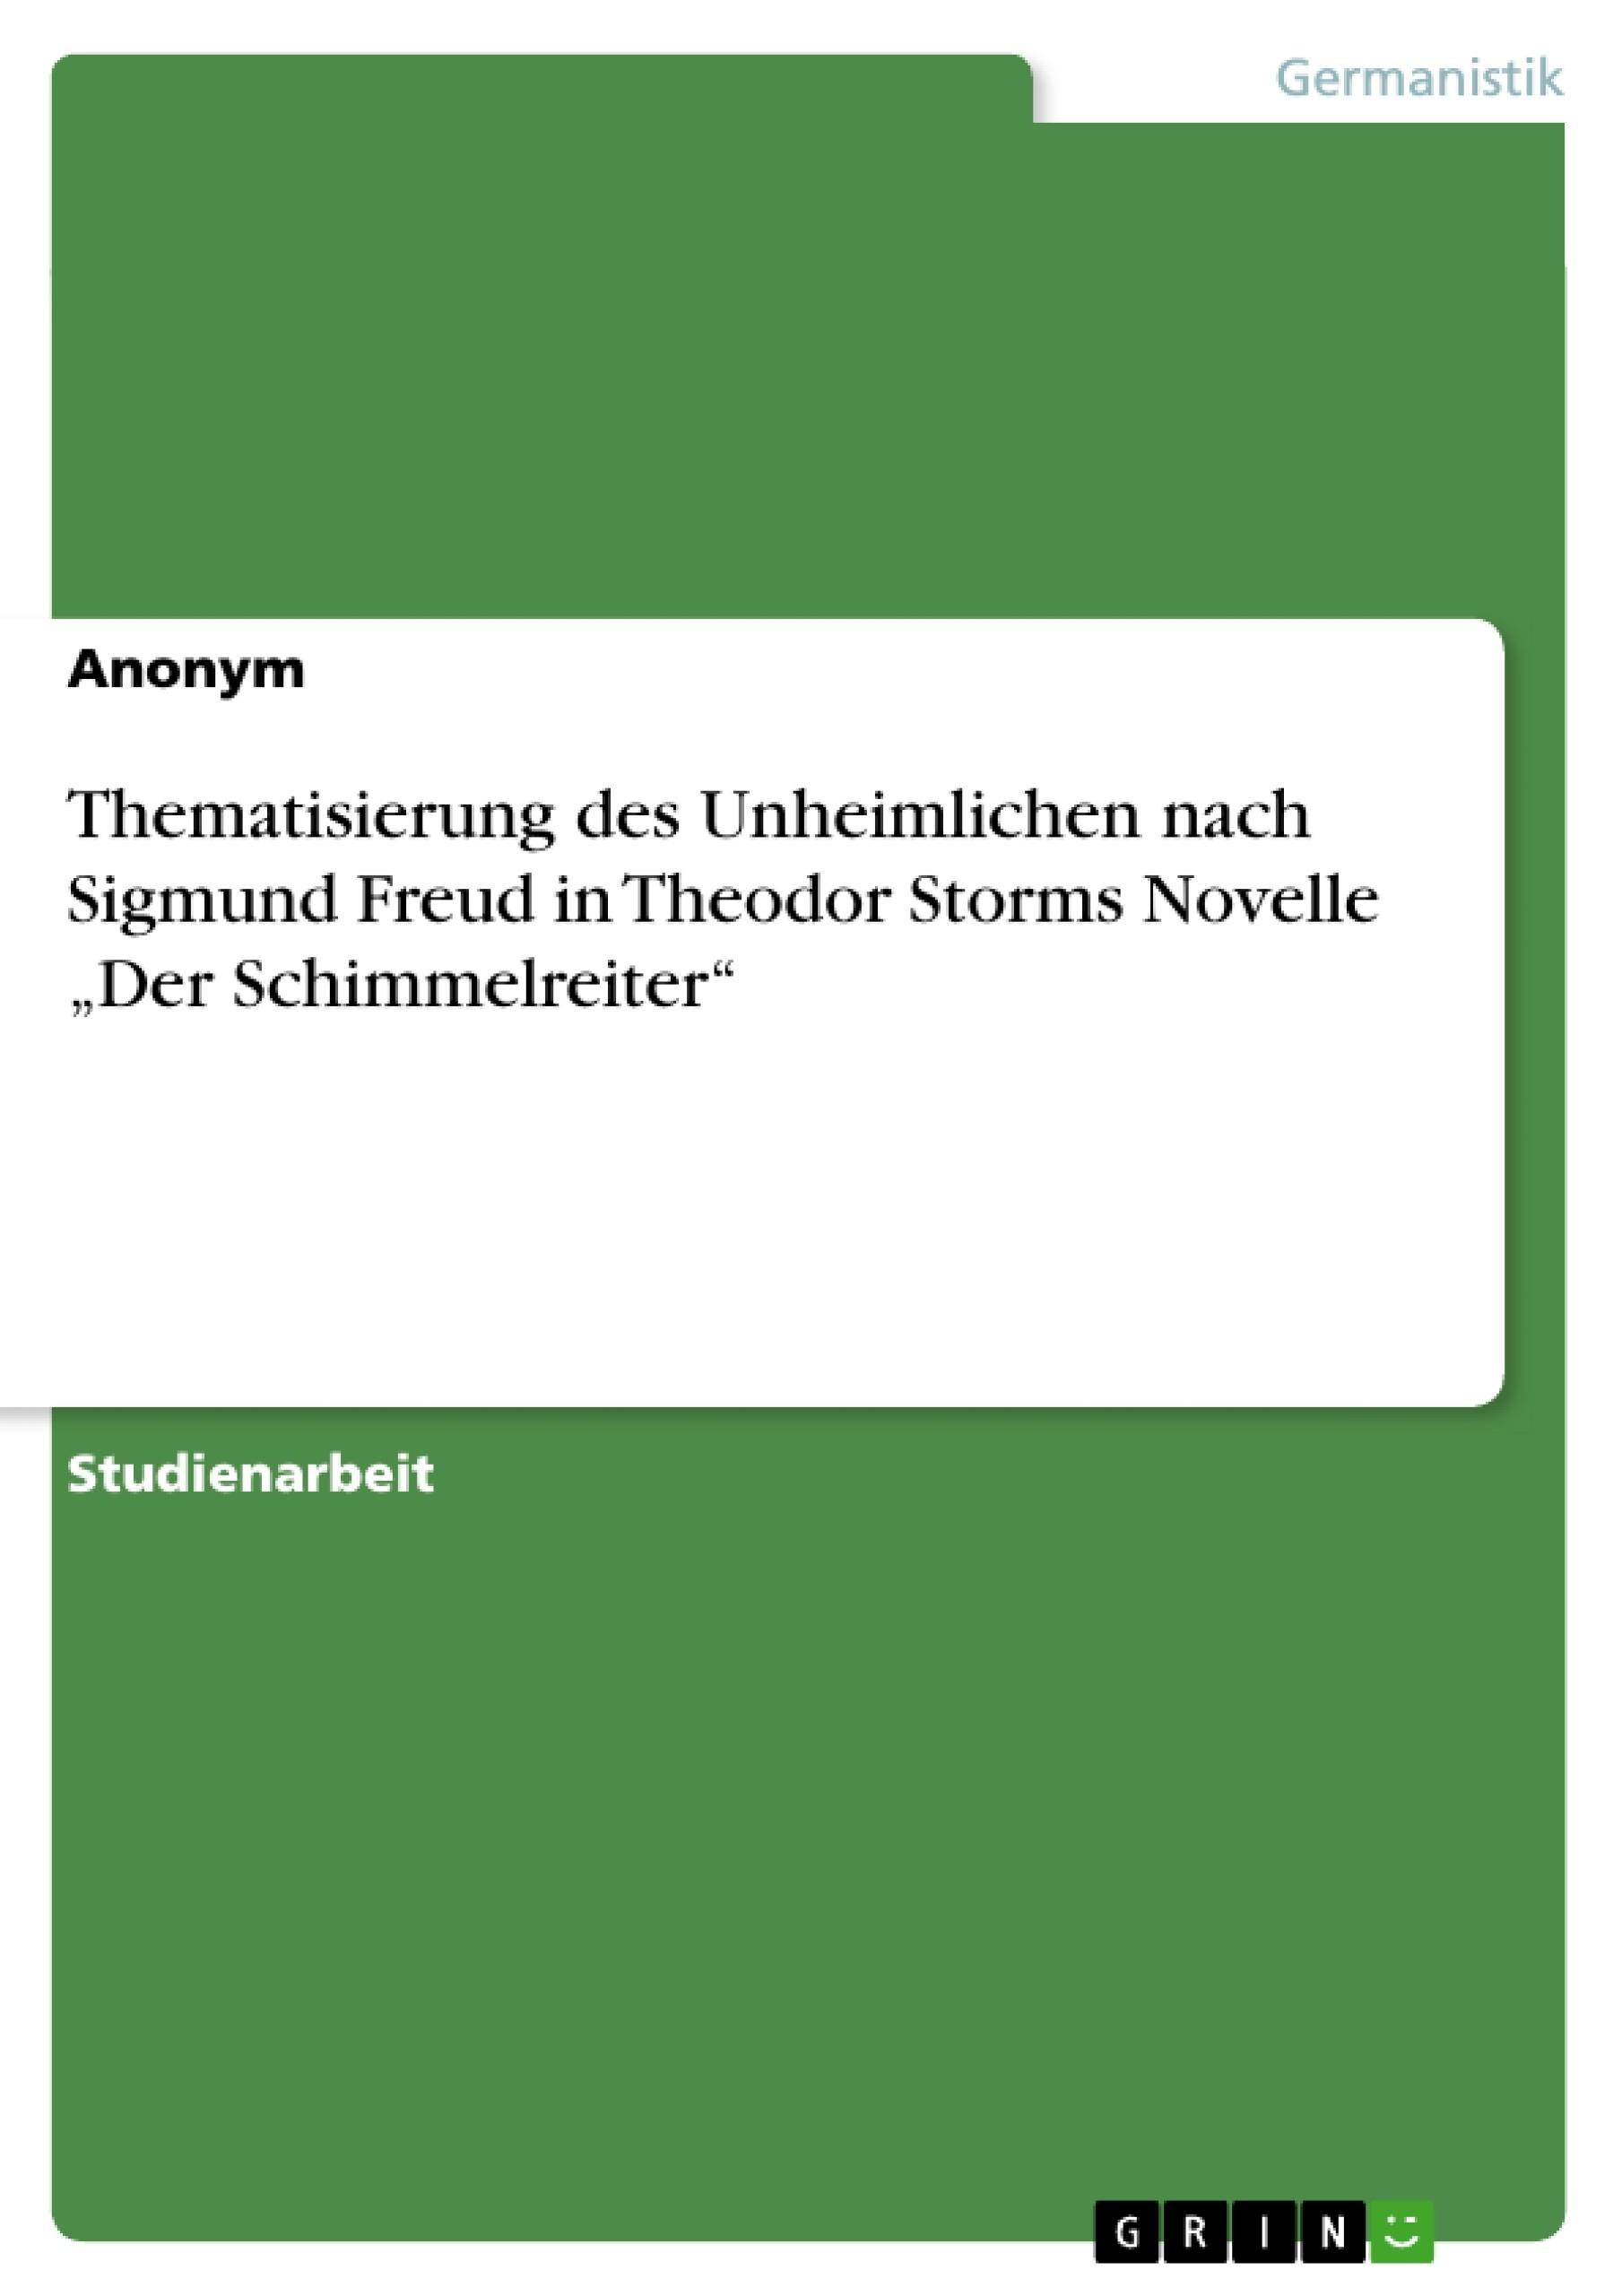 """Titel: Thematisierung des Unheimlichen nach Sigmund Freud in Theodor Storms Novelle """"Der Schimmelreiter"""""""